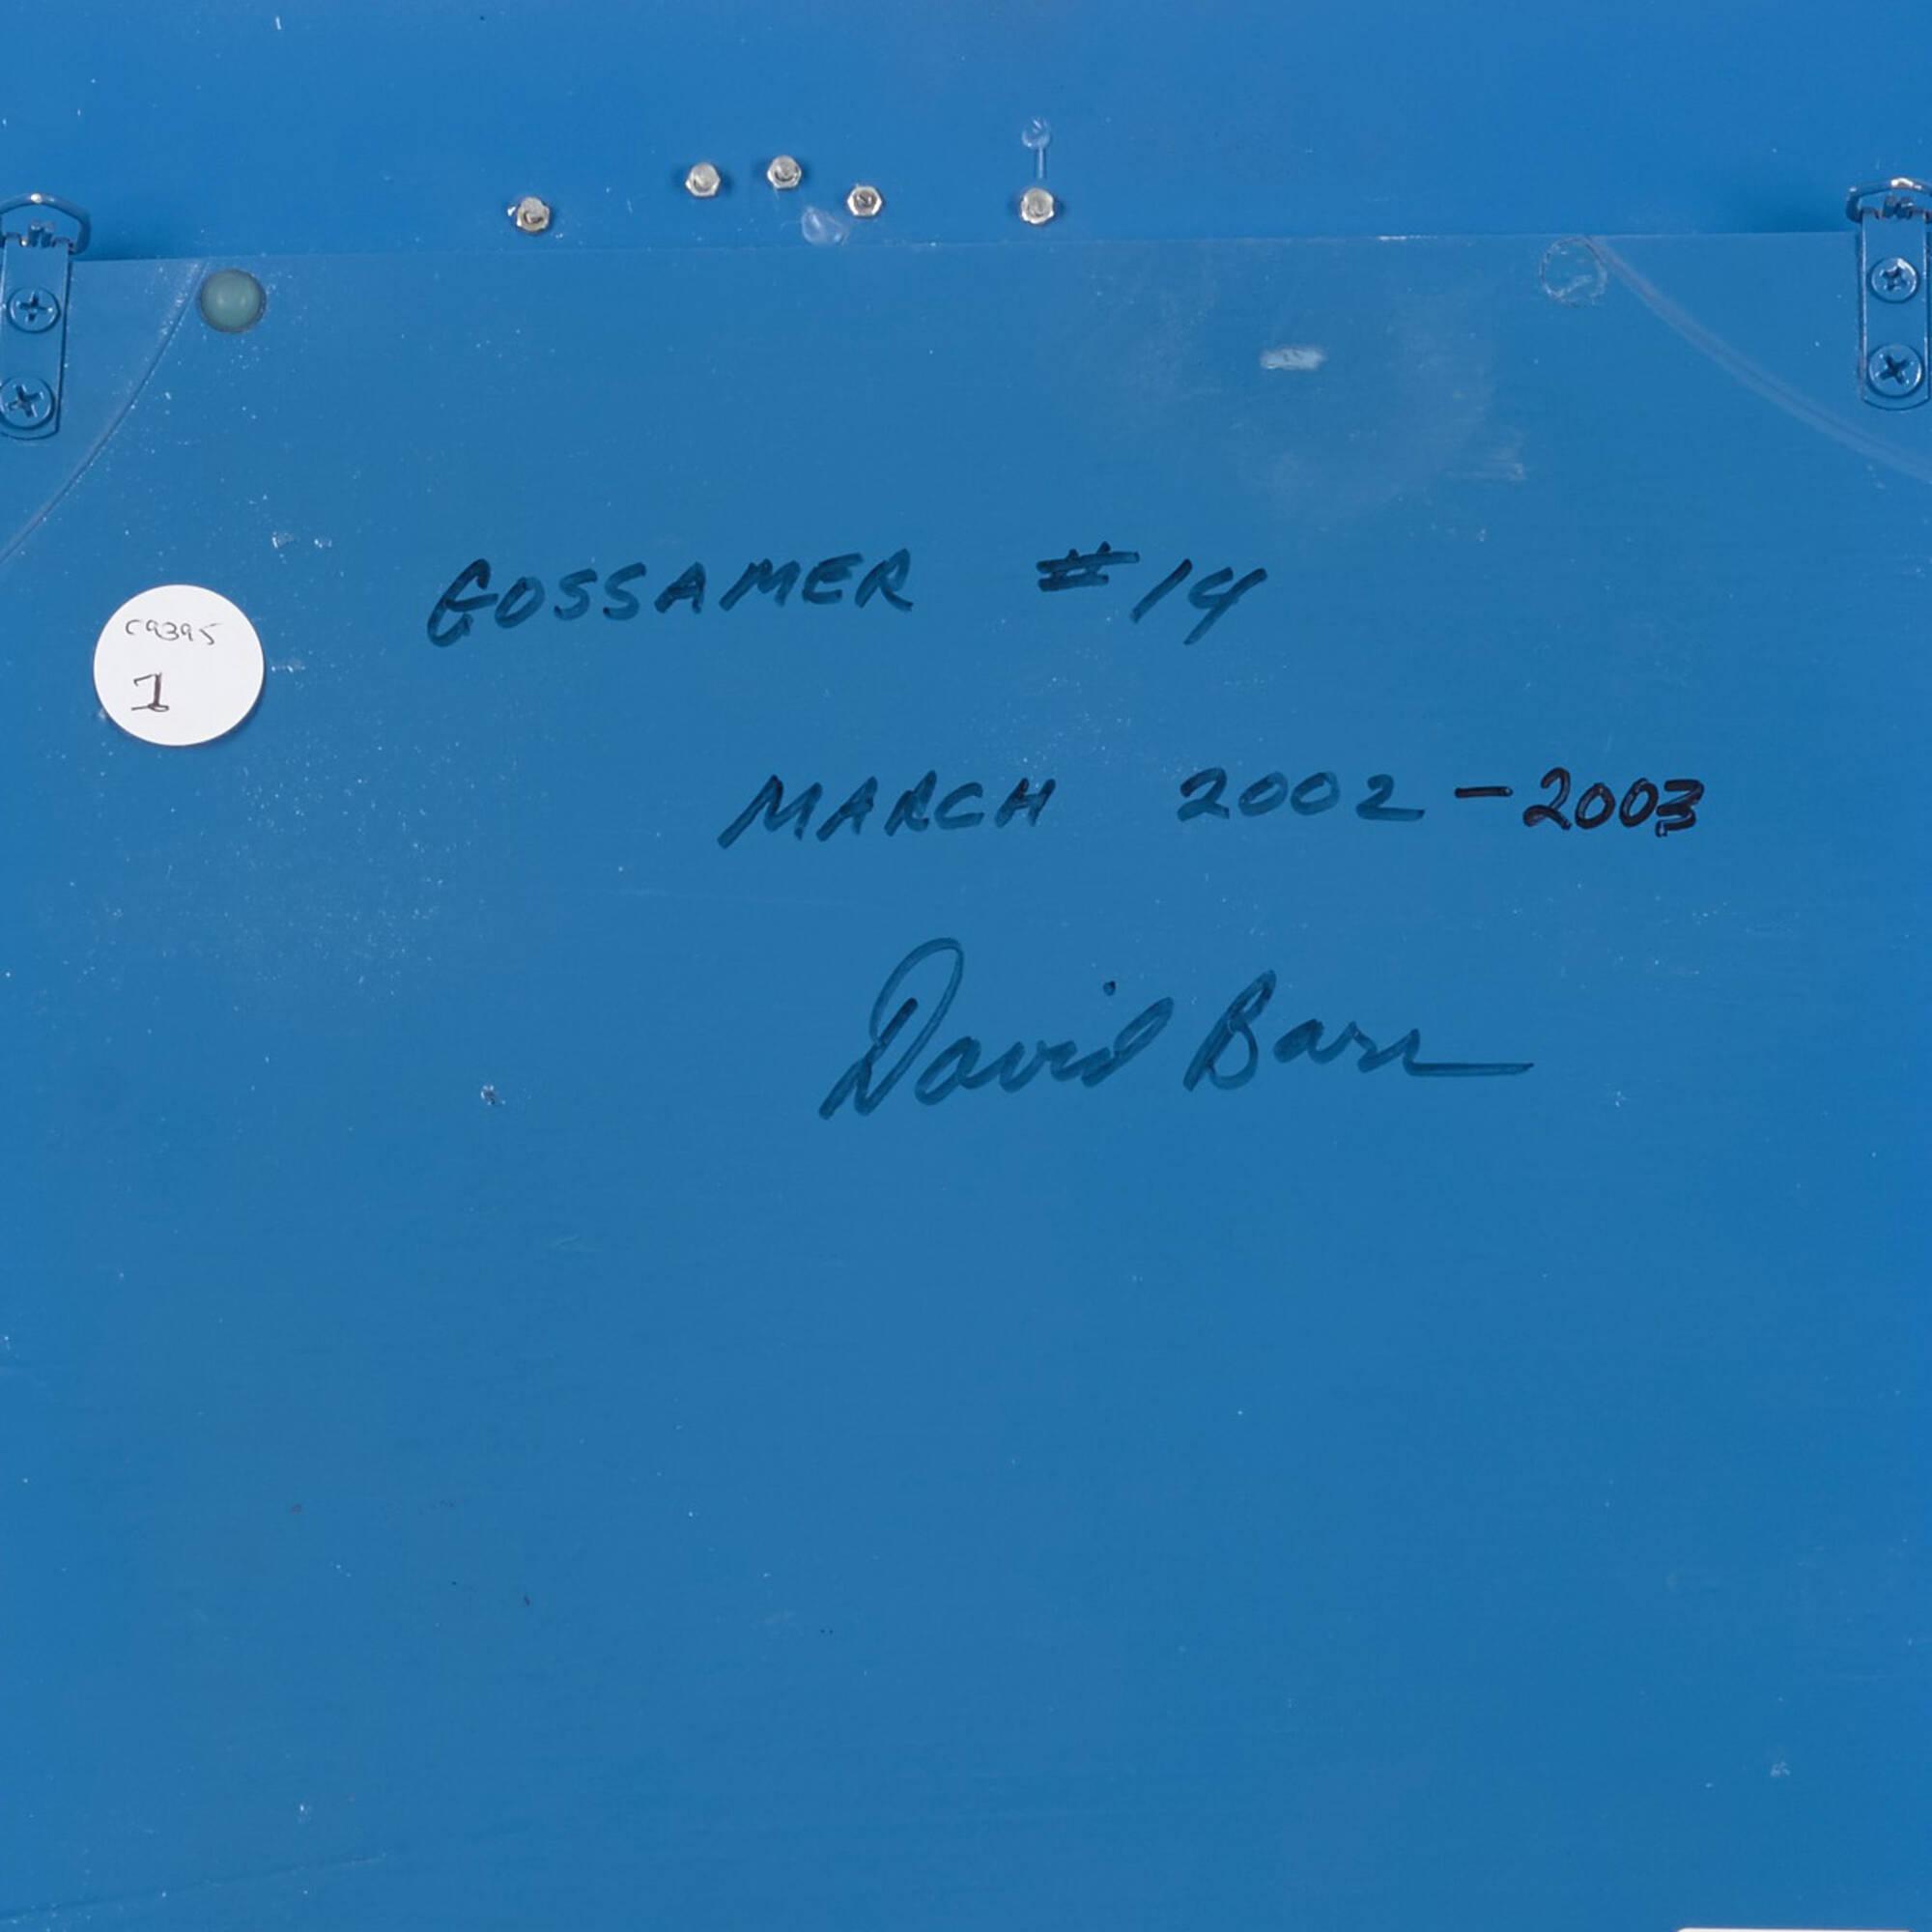 133: David Barr / Gossamer No. 14 (3 of 3)